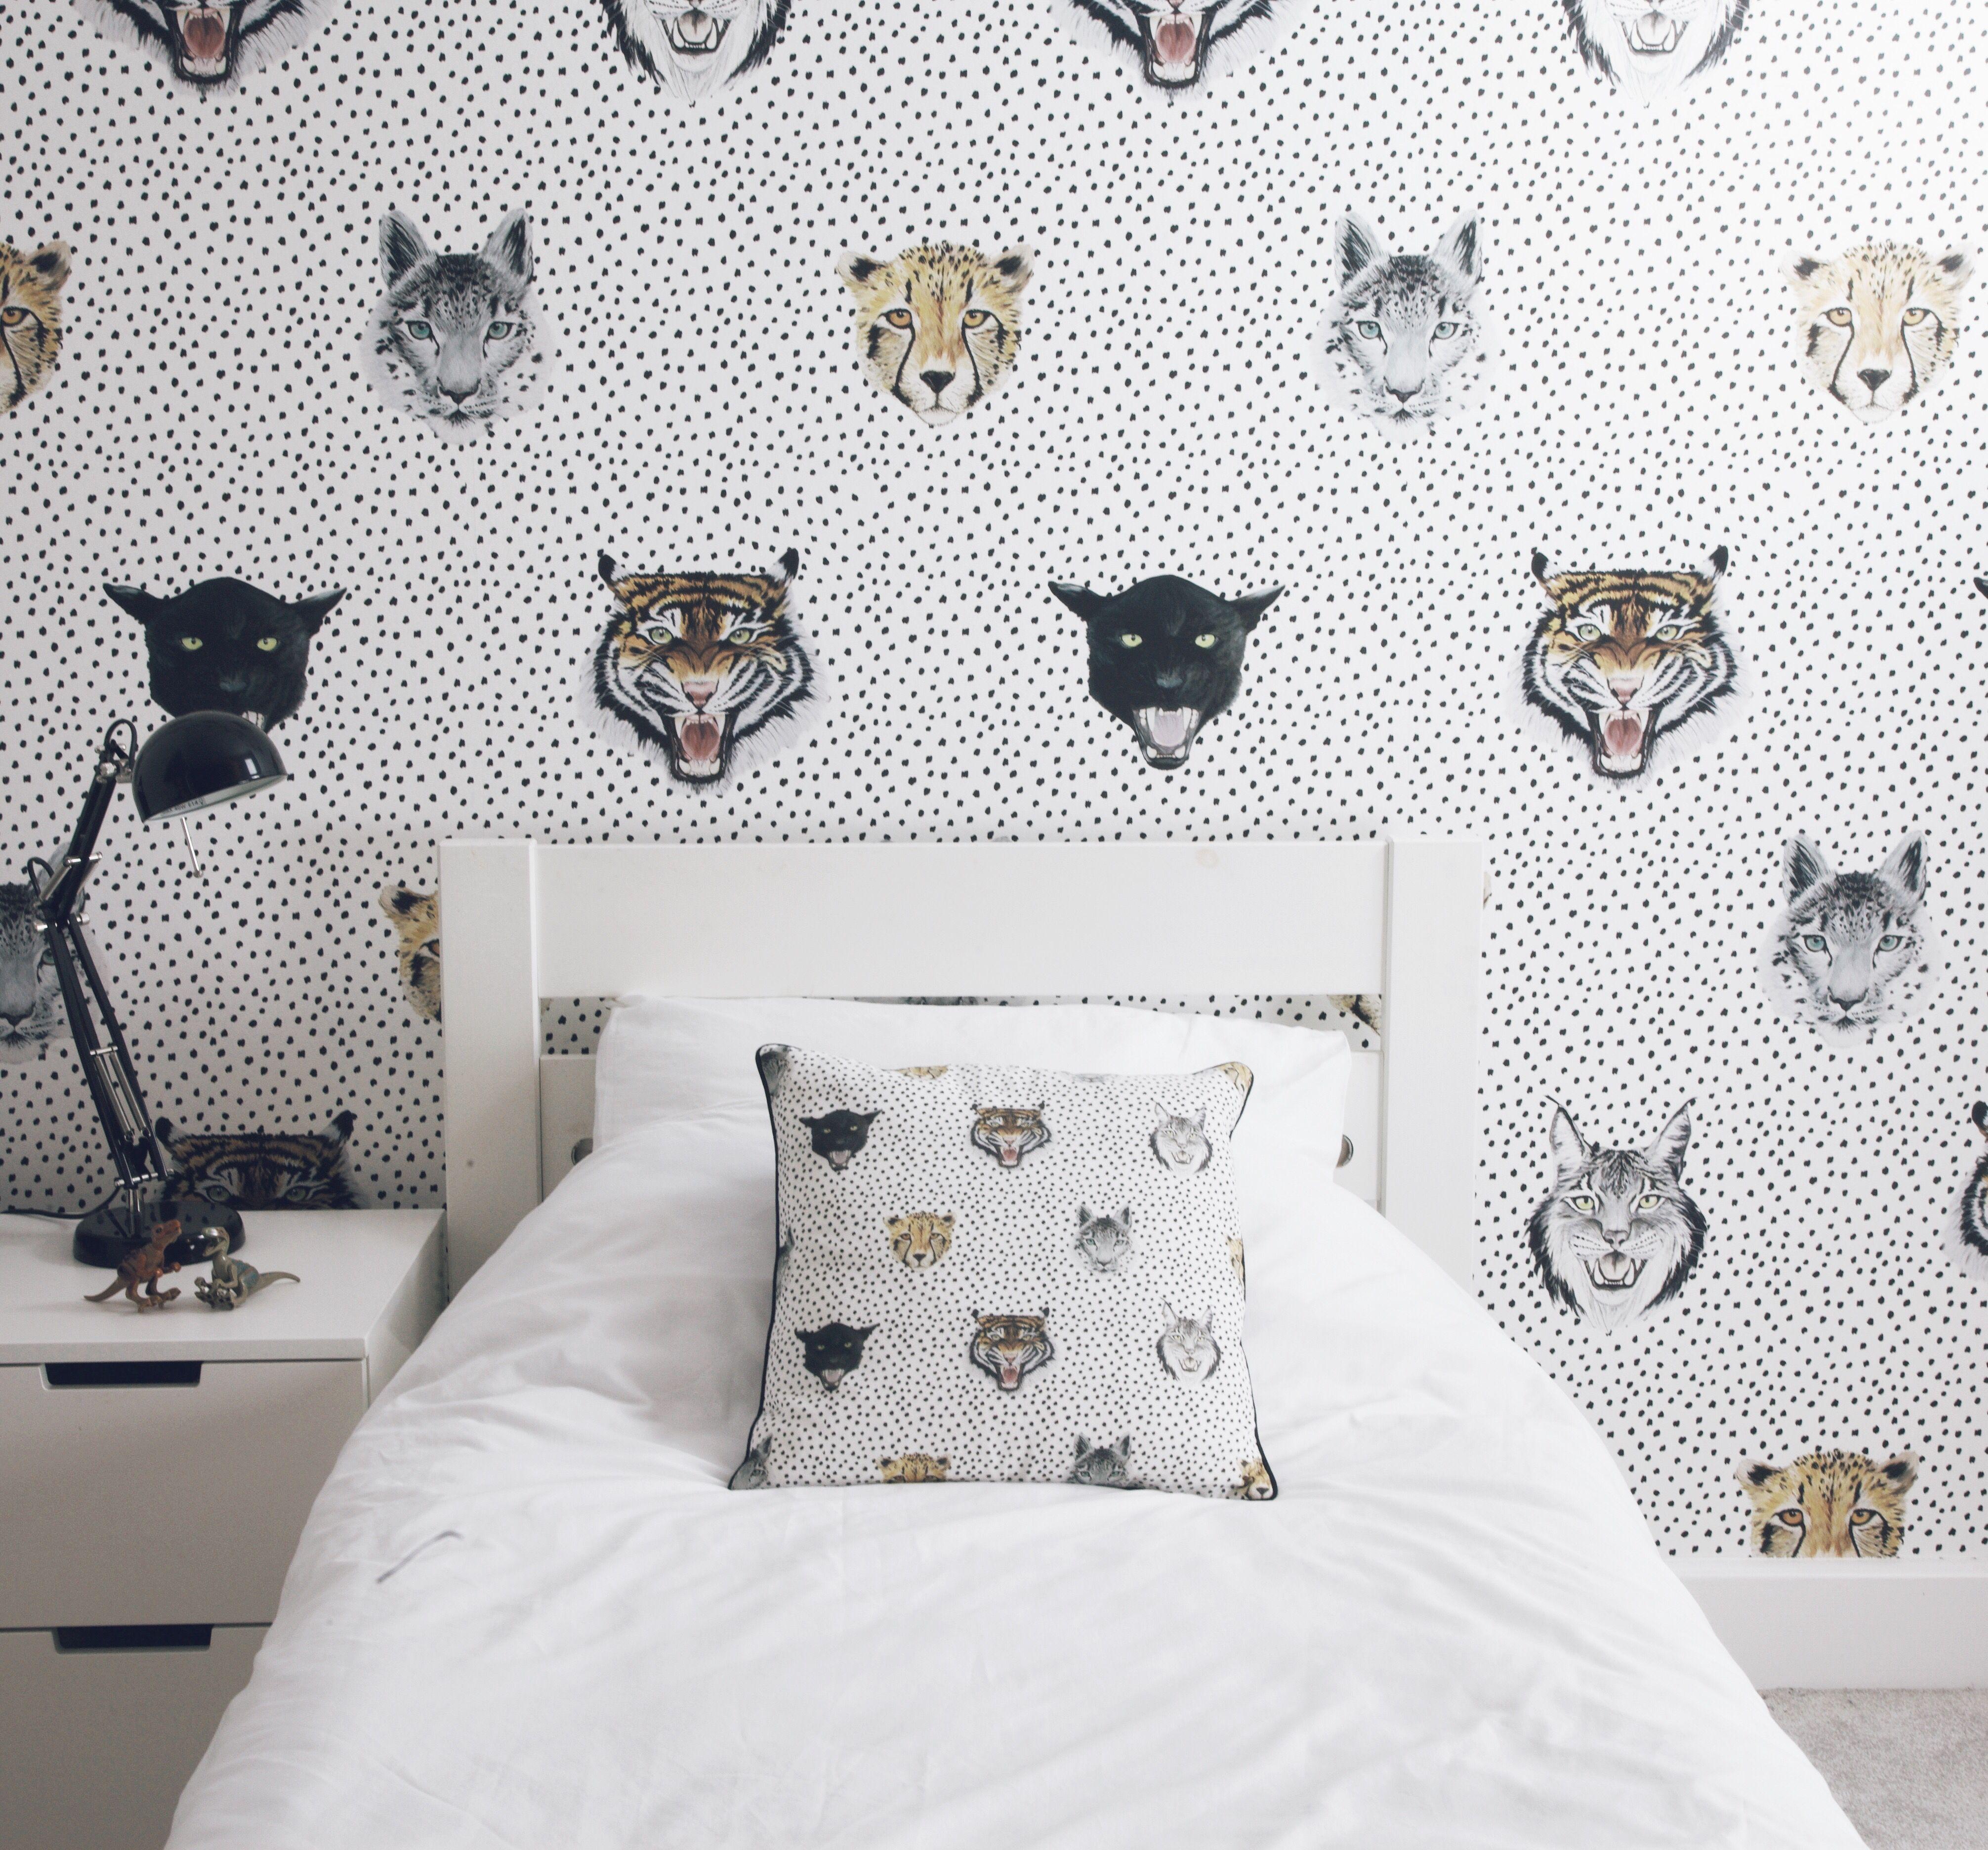 Best Wildcats Wallpaper Large Scale In 2020 Bedroom Decor 640 x 480